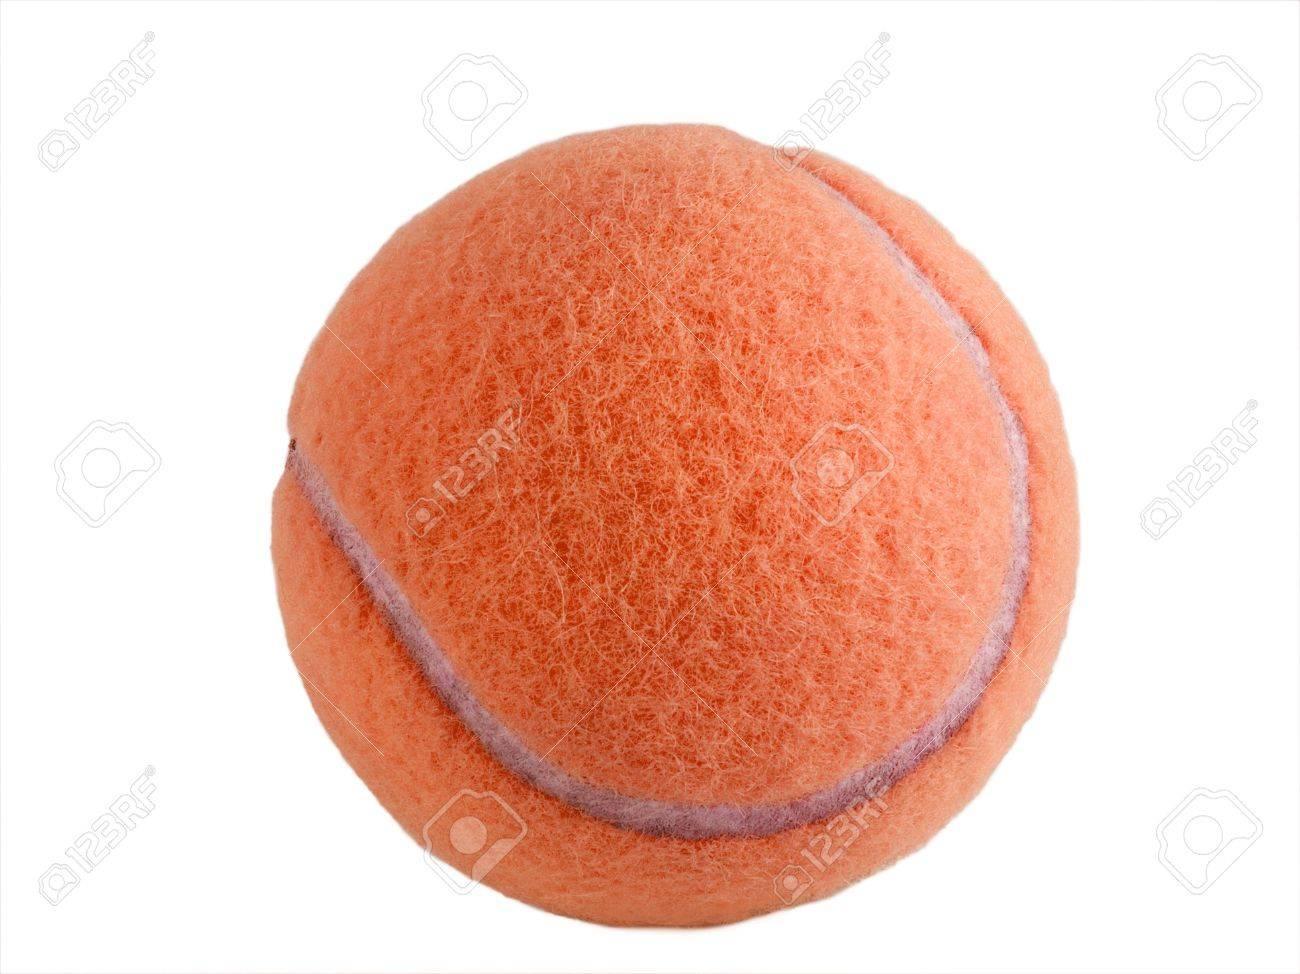 2227153-un-primer-plano-sobre-una-pelota